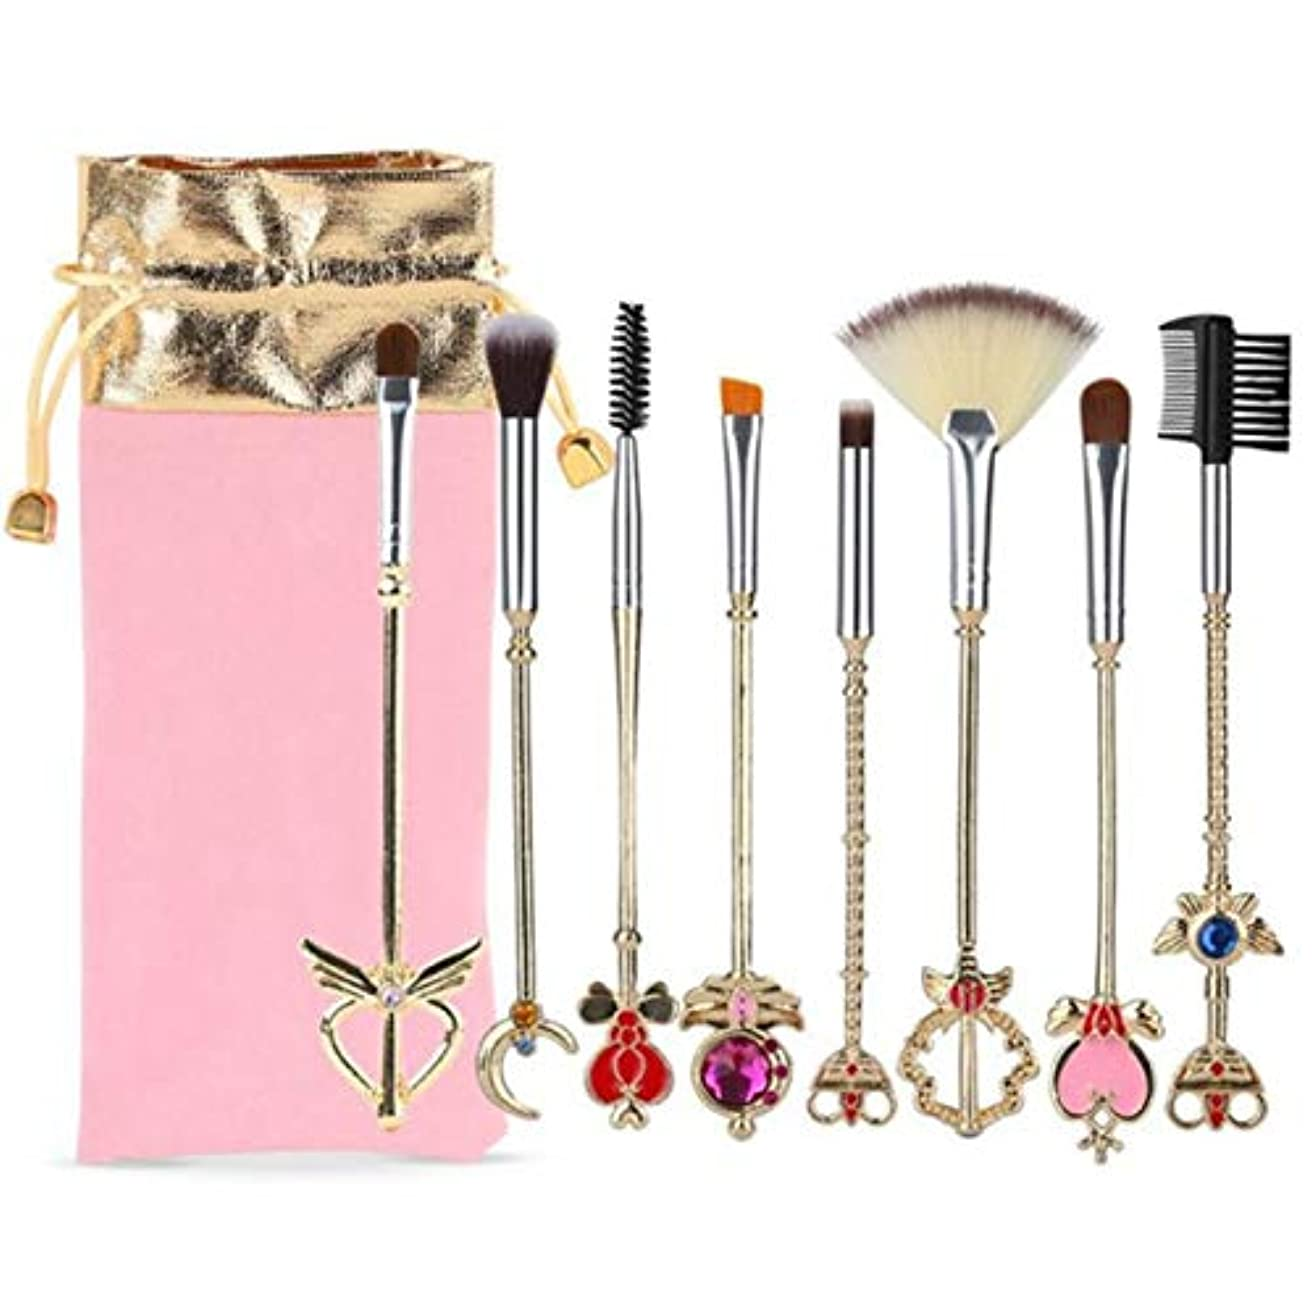 行き当たりばったり素人小康Quzama-JS よく作られた8 PCのセーラームーン化粧ブラシは、ポーチ、魔法の女の子ゴールドcardcaptor桜の化粧ブラシでセットされた巾着バッグ